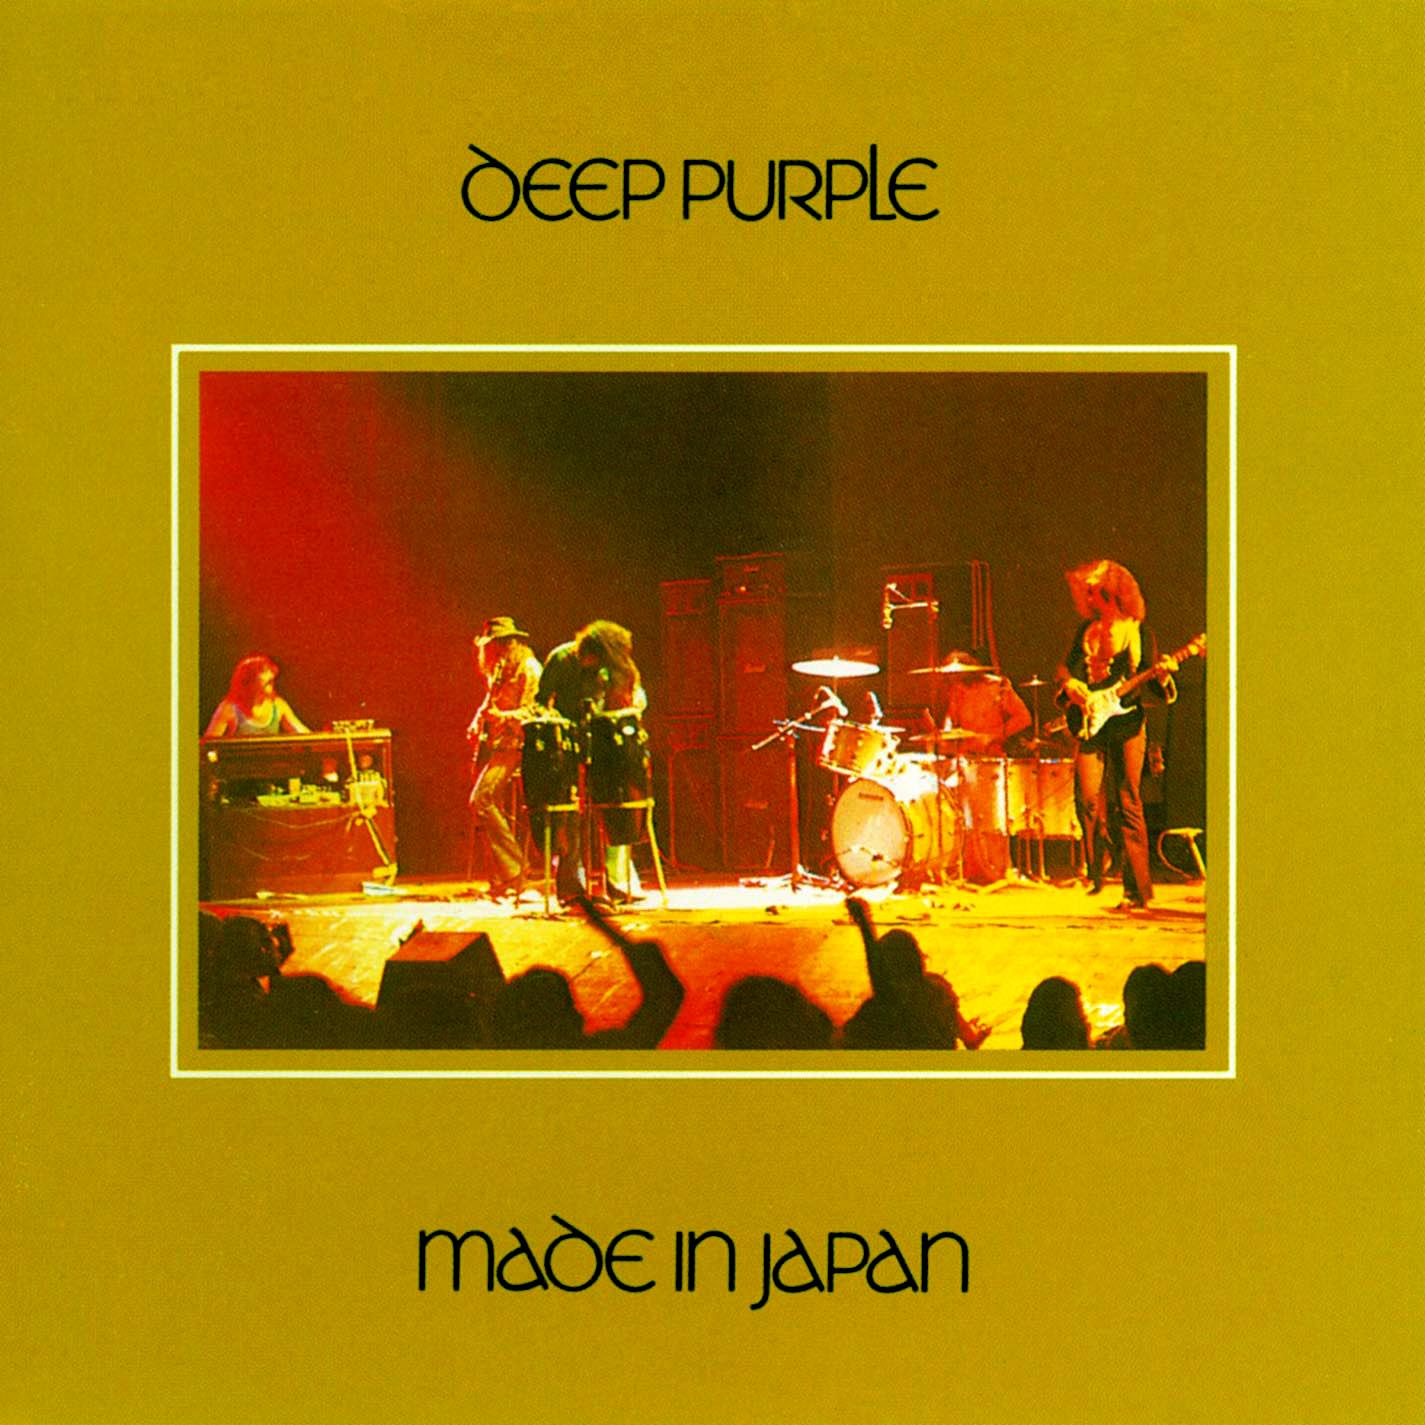 Deep Purple (ディープ・パープル) 『made in japan (ライブ・イン・ジャパン)』(1972年12月) 高画質ジャケット画像